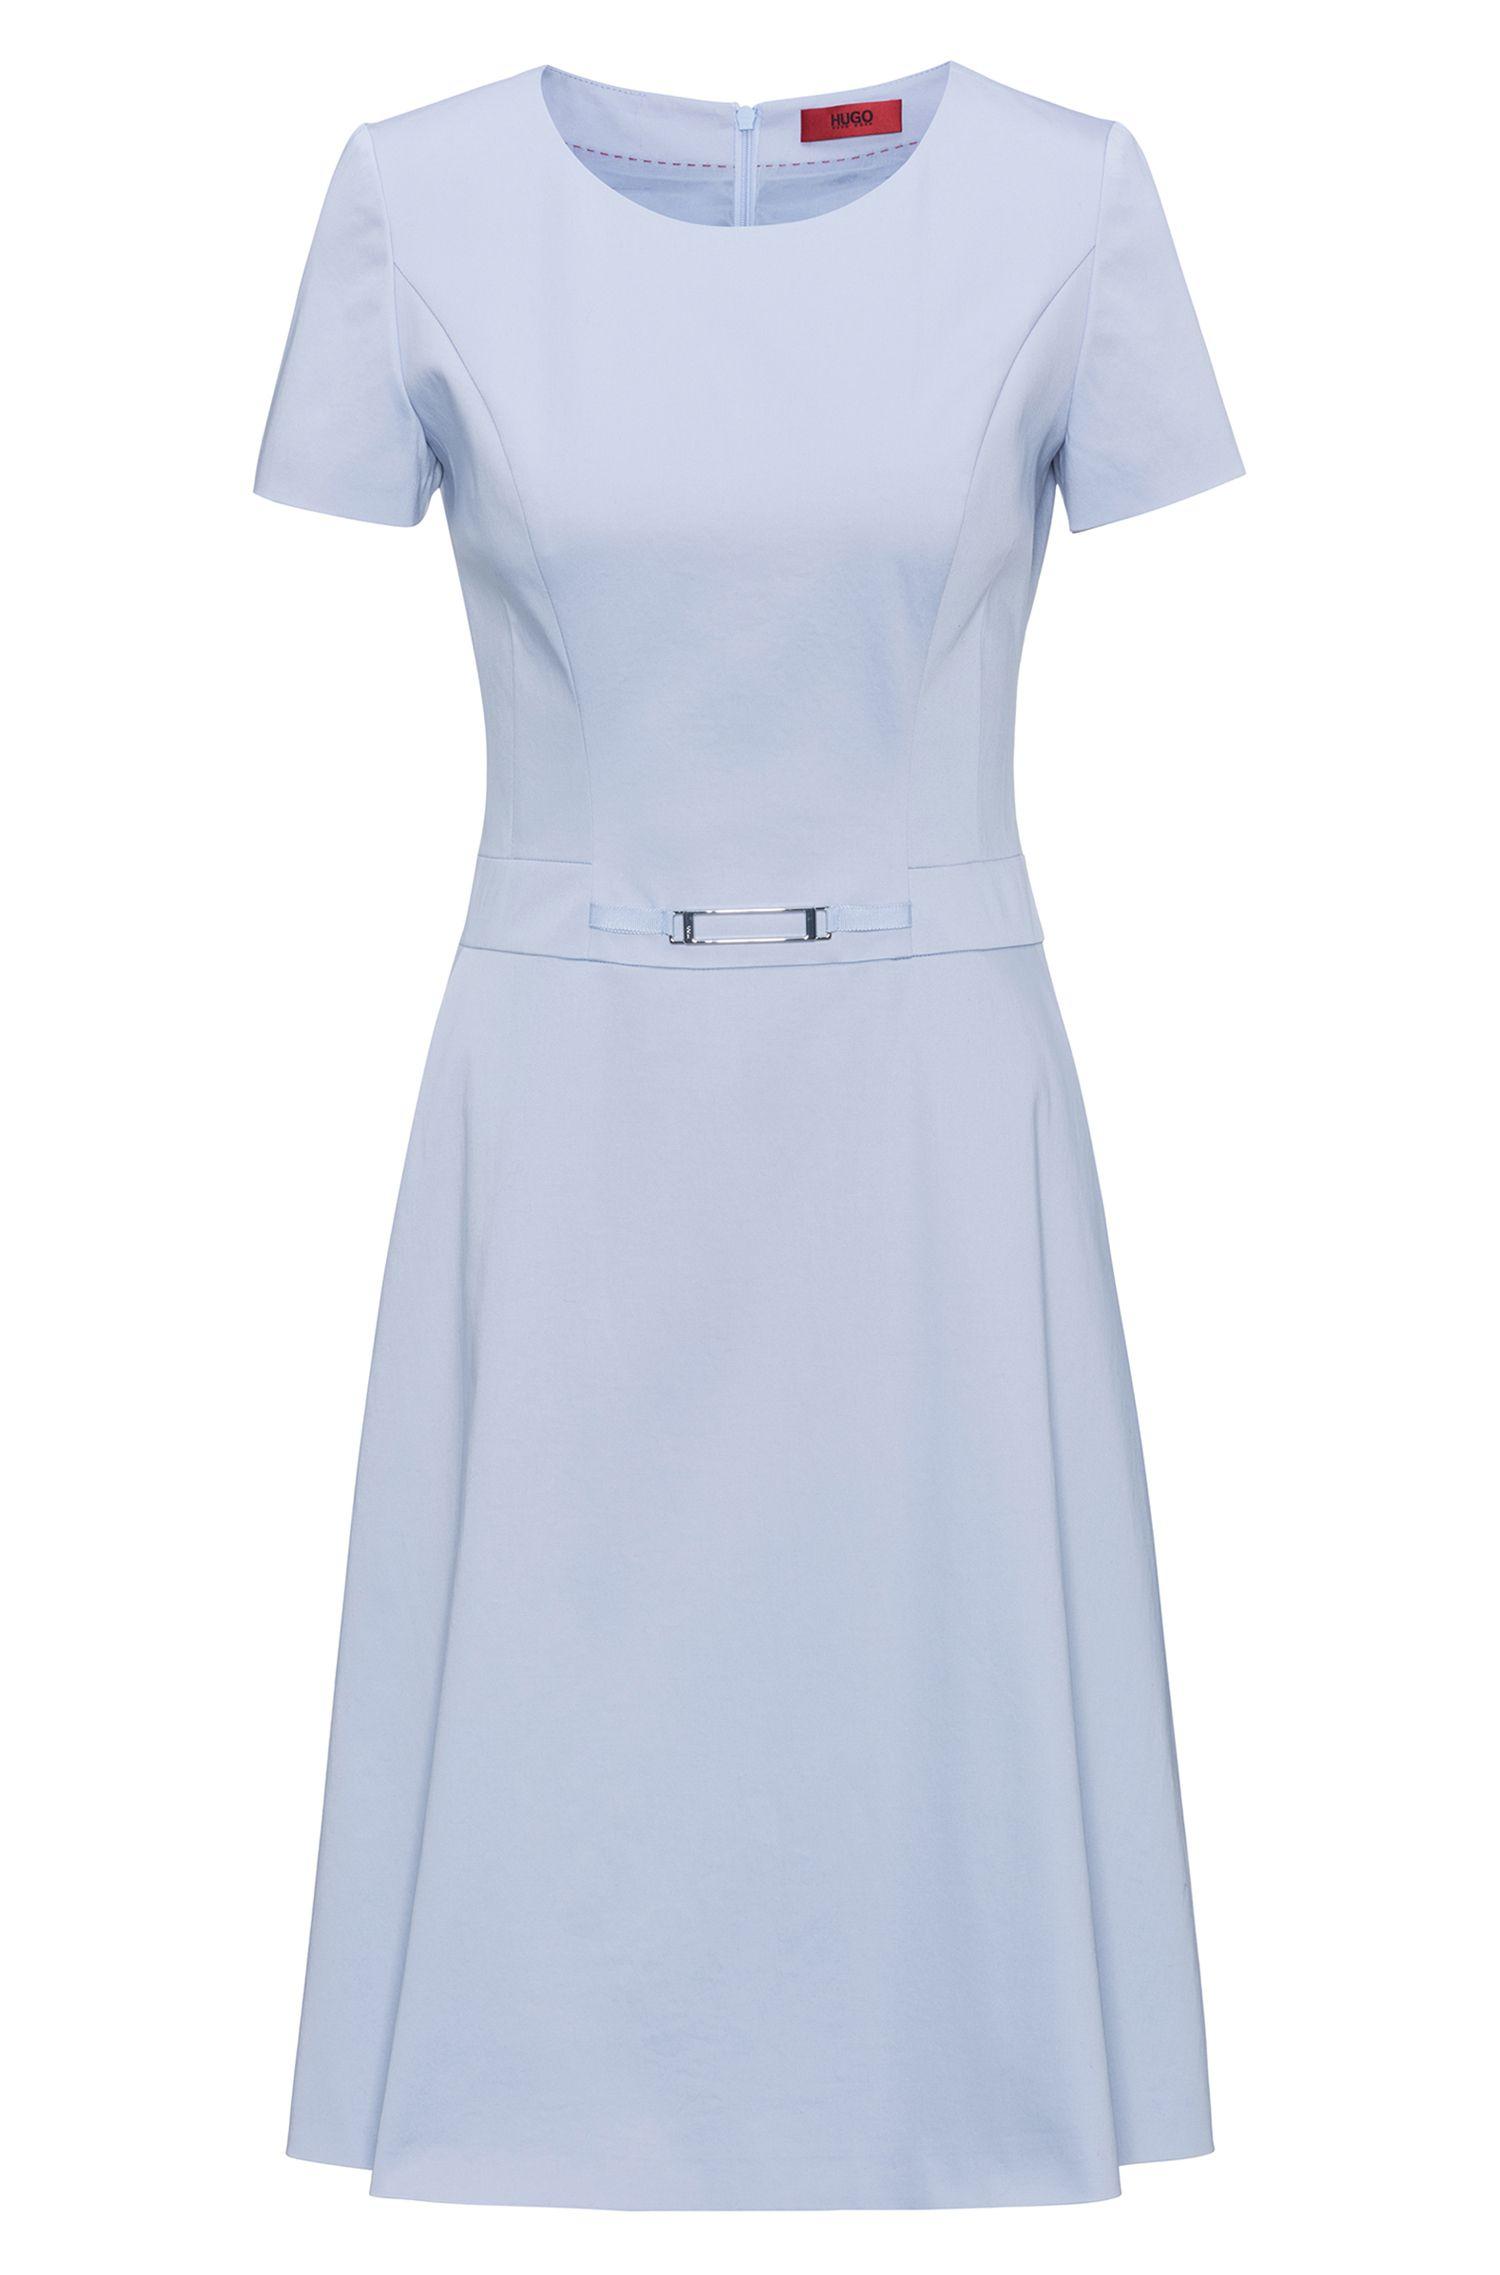 Vestito dalla linea svasata in cotone elasticizzato con dettaglio in vita